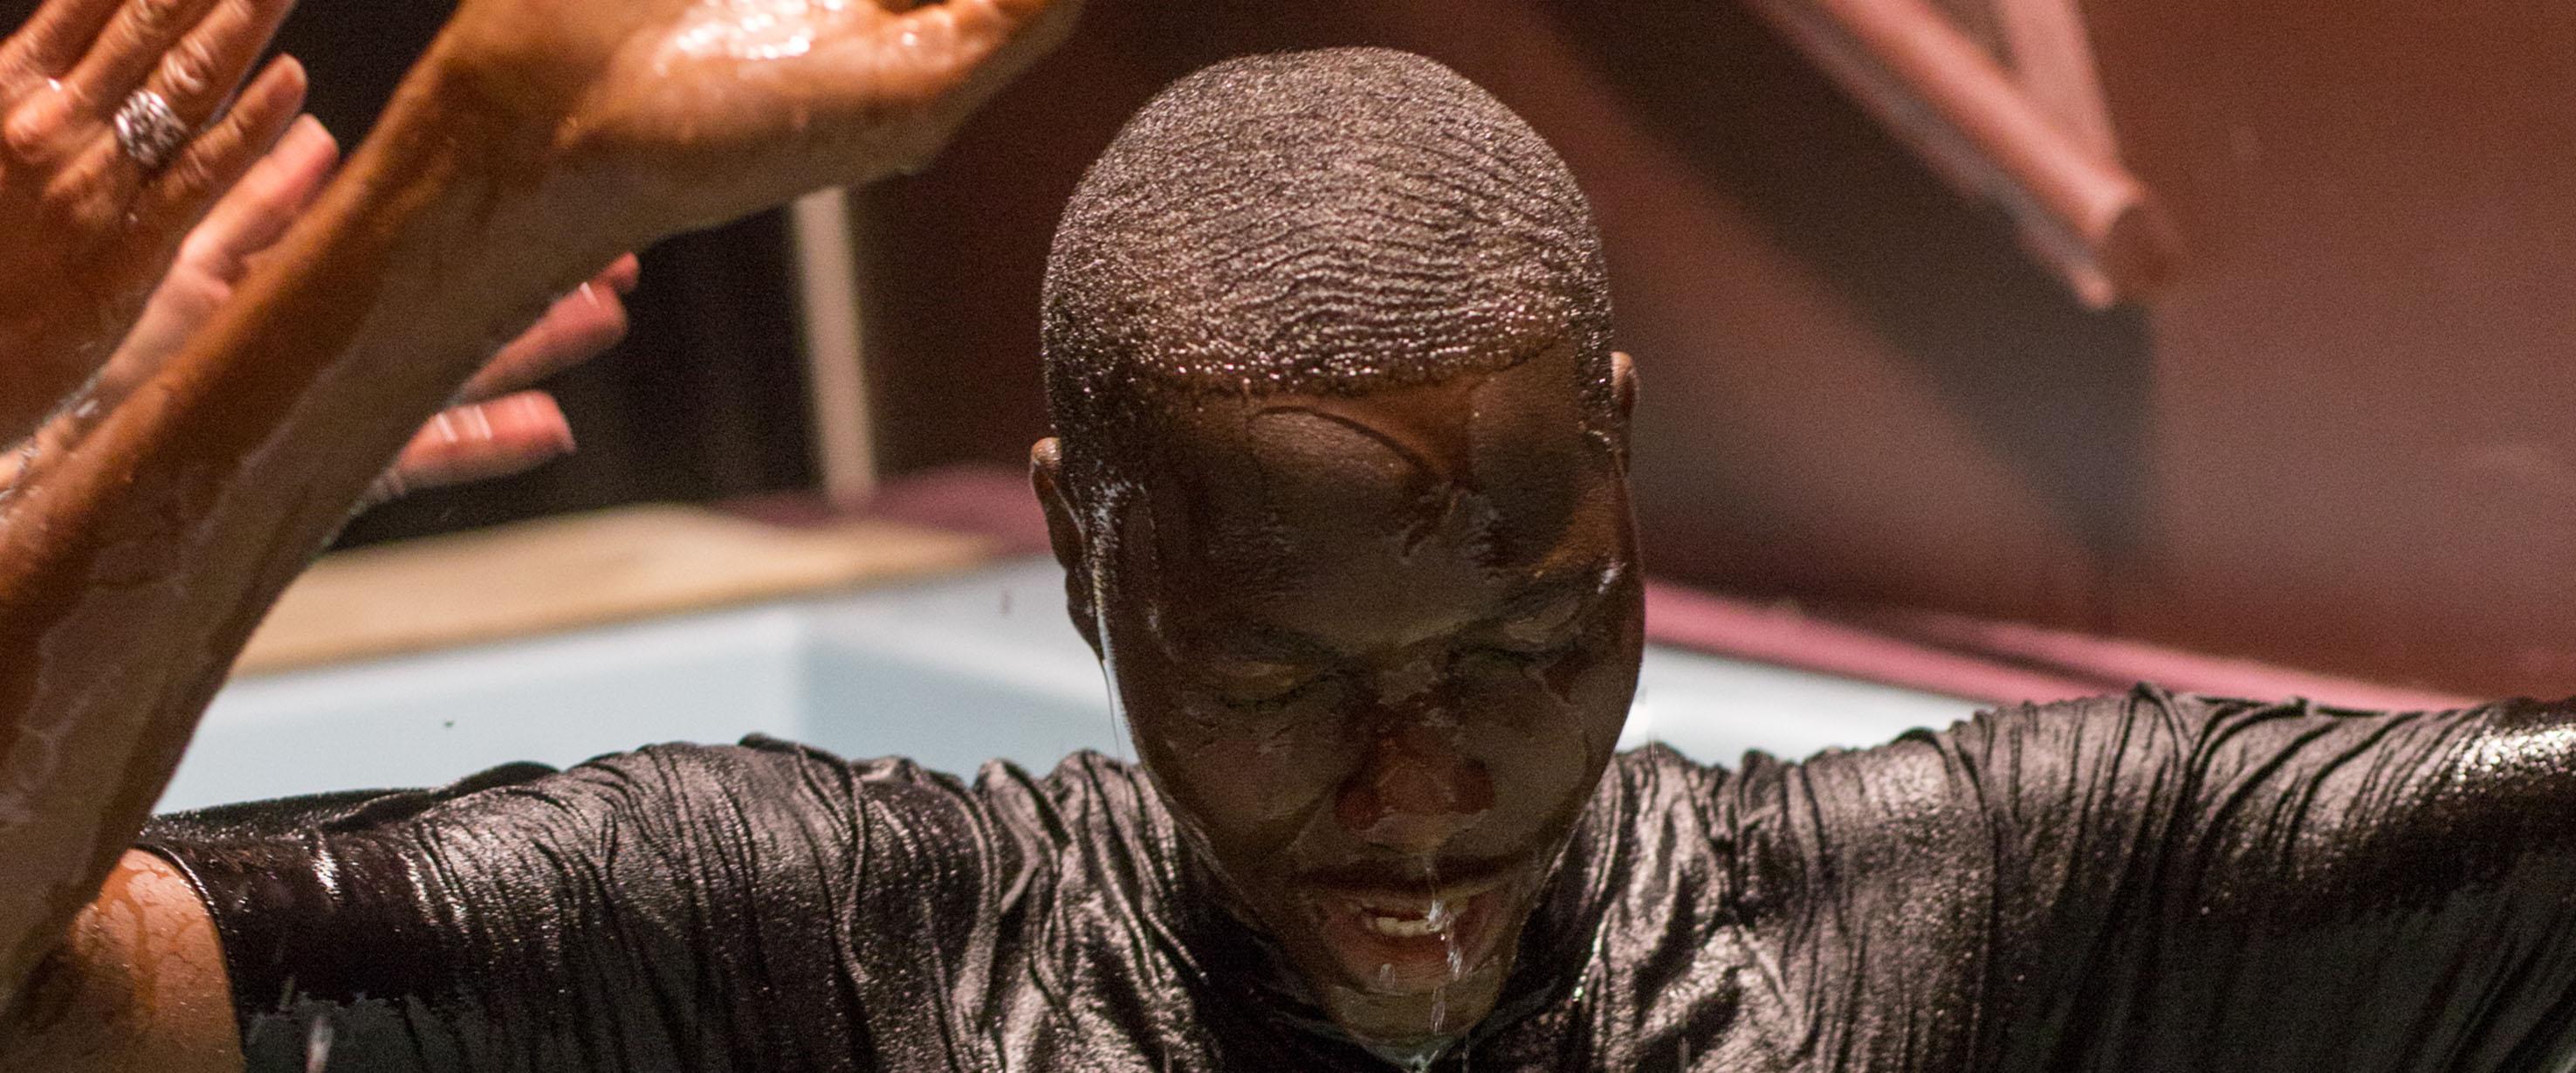 ocbaptism16